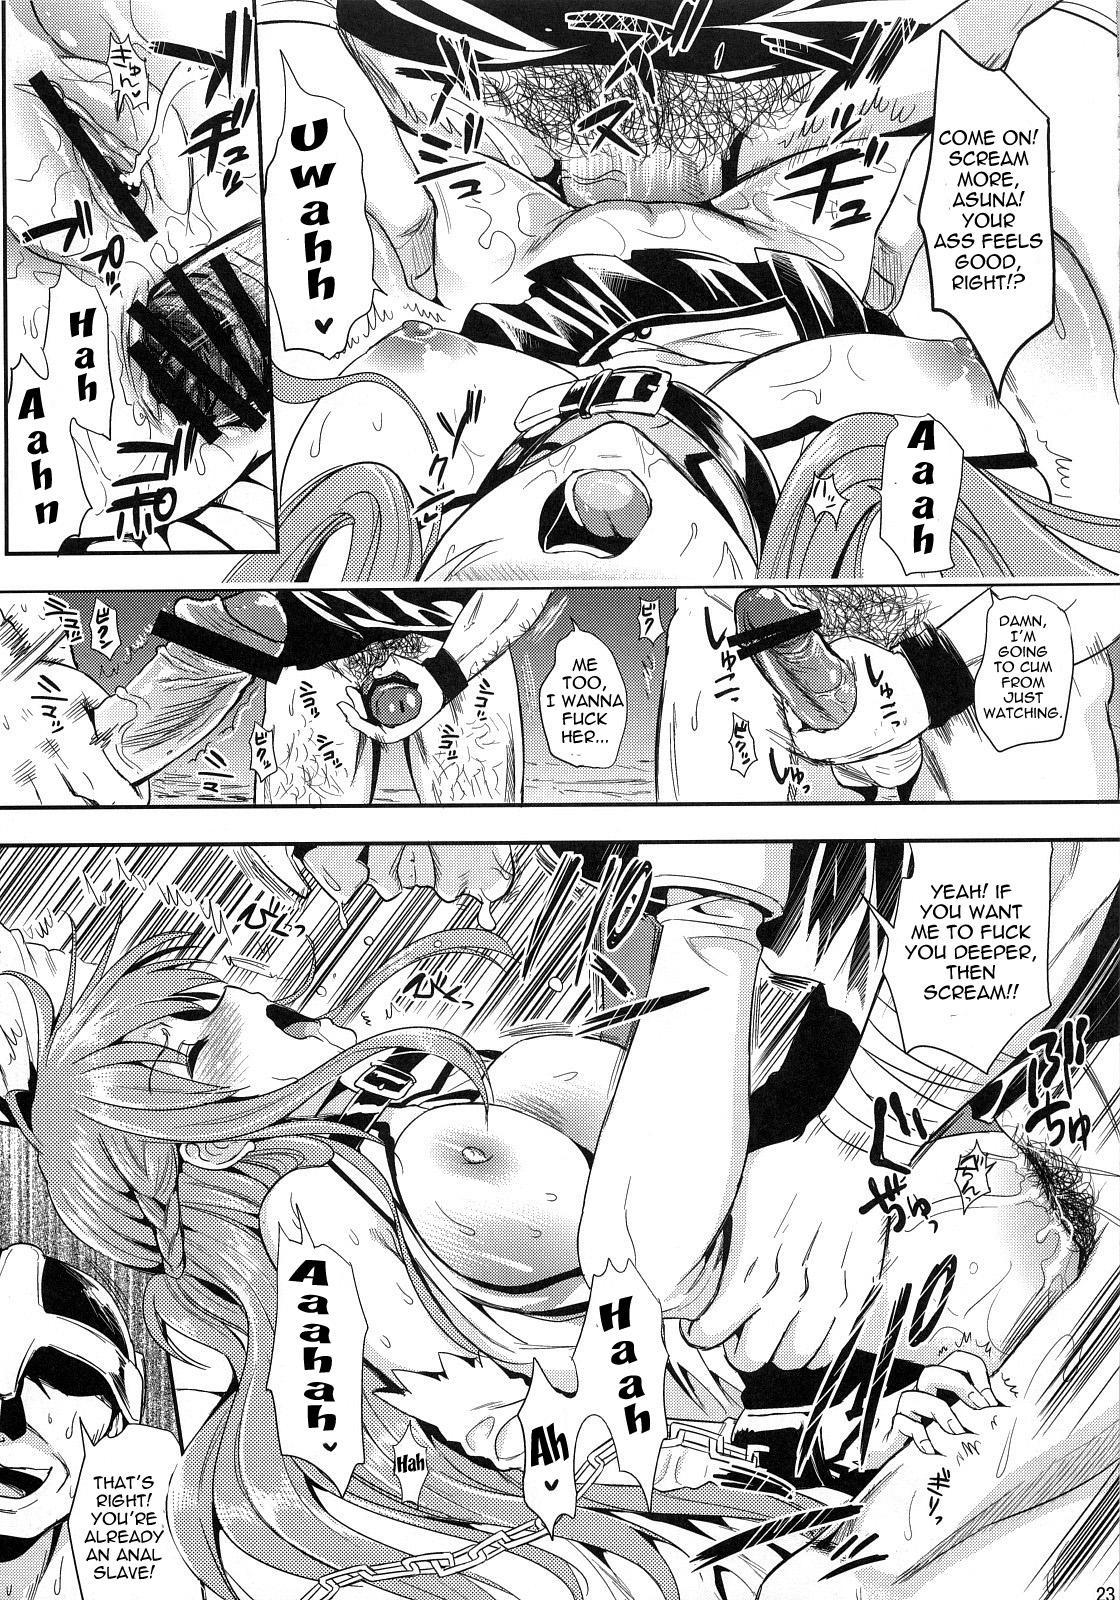 (C83) [YURIRU-RARIKA (Kojima Saya, Lazu)] Shujou Seikou II α Watashi... Okasarete Anal ni Mezamemashita | Captive Sex II - After Being R-ped, I was Awakened to Anal (Sword Art Online) [English] {doujin-moe.us} 21